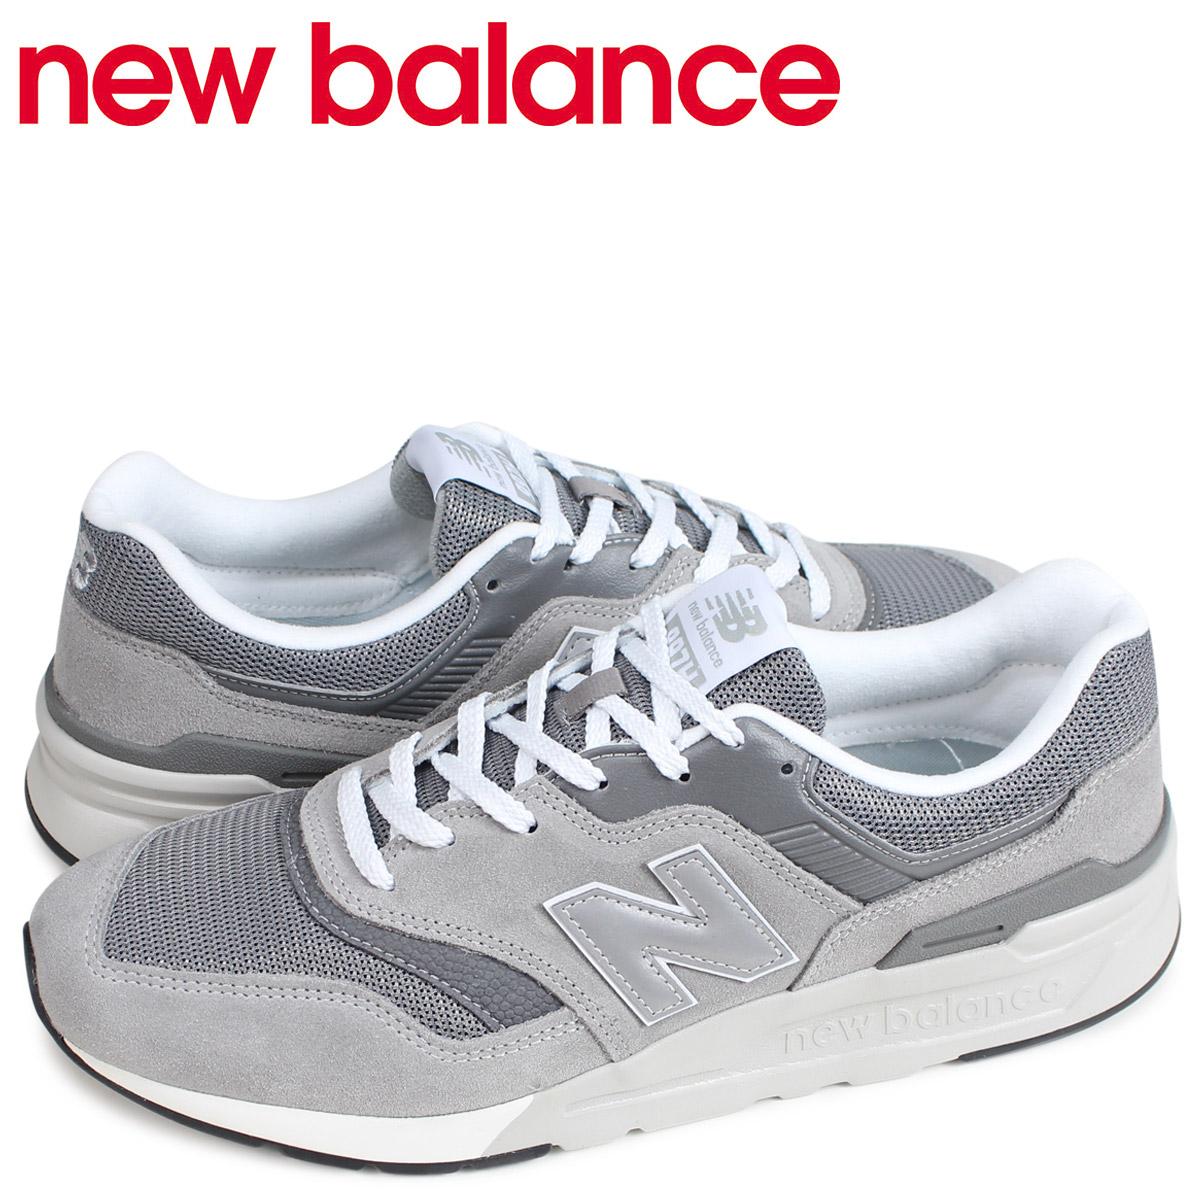 【お買い物マラソンSALE】 ニューバランス new balance 997 スニーカー メンズ Dワイズ グレー CM997HCA